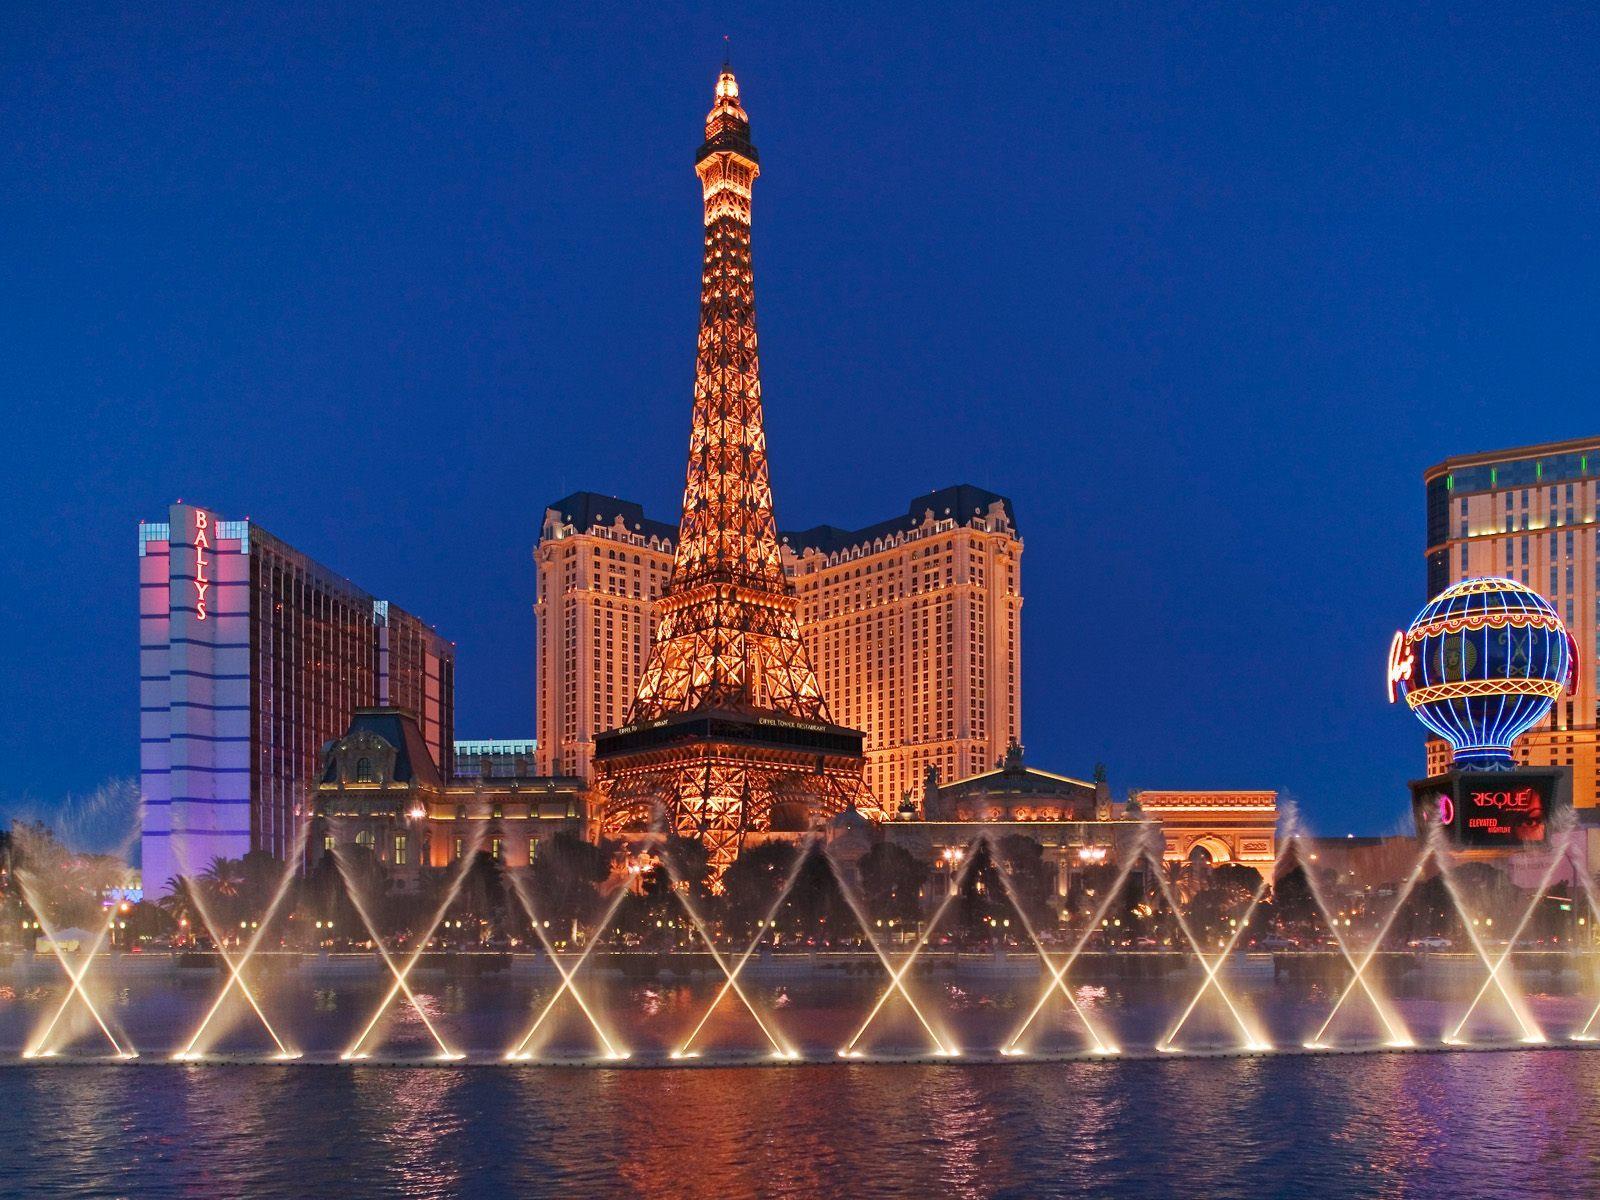 12841 скачать обои Города, Ночь, Архитектура, Лас Вегас (Las Vegas) - заставки и картинки бесплатно